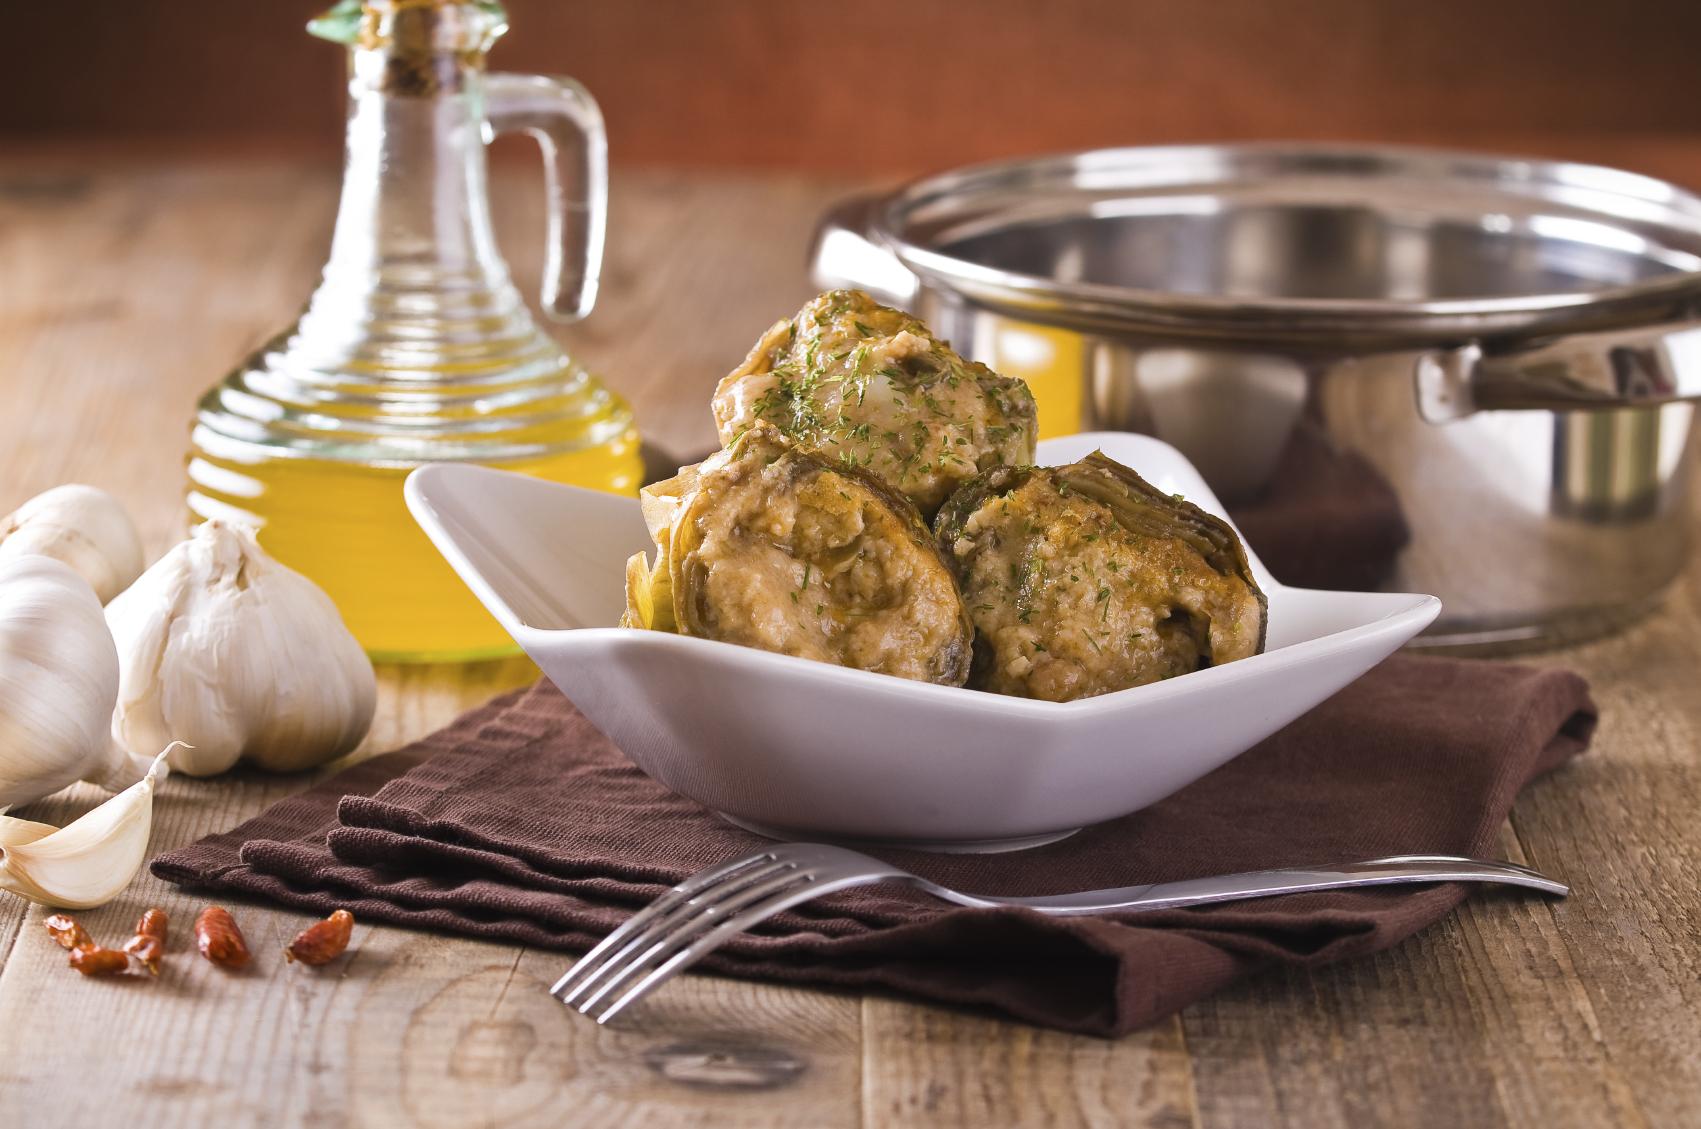 Artichokes filled with cheese and herbs: Qaqoċċ mimli bil-ġobon u ħxejjex aromatiċi